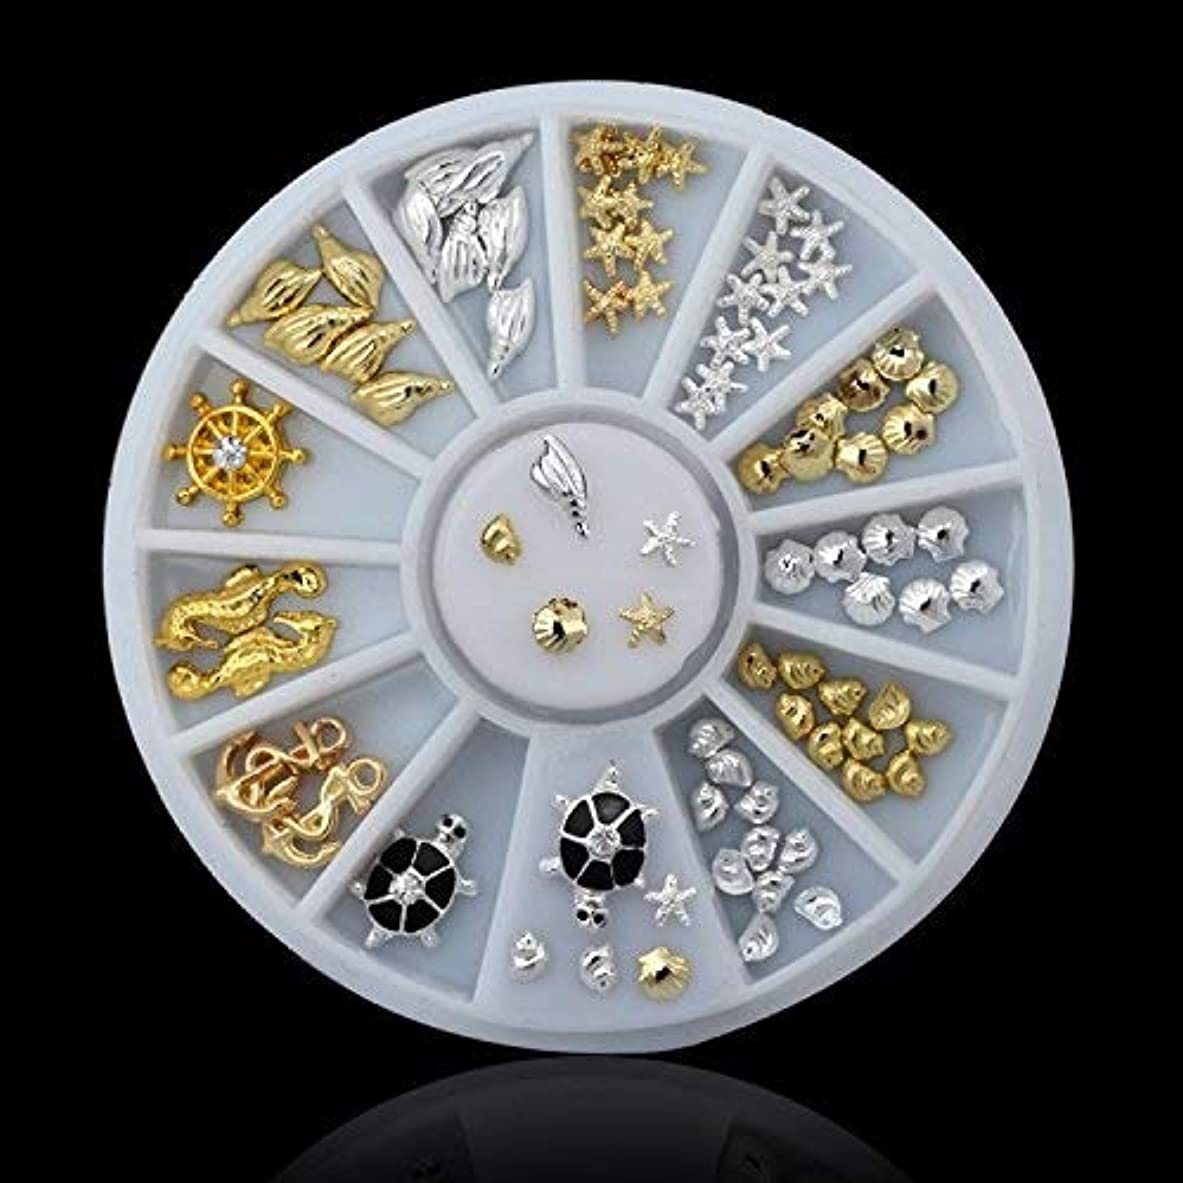 魔術価値不潔HAPPY HOME シェルヒトデシーデザインゴールドシルバー合金3dネイルアートラインストーンデコレーションホイールdiyジュエリーツール